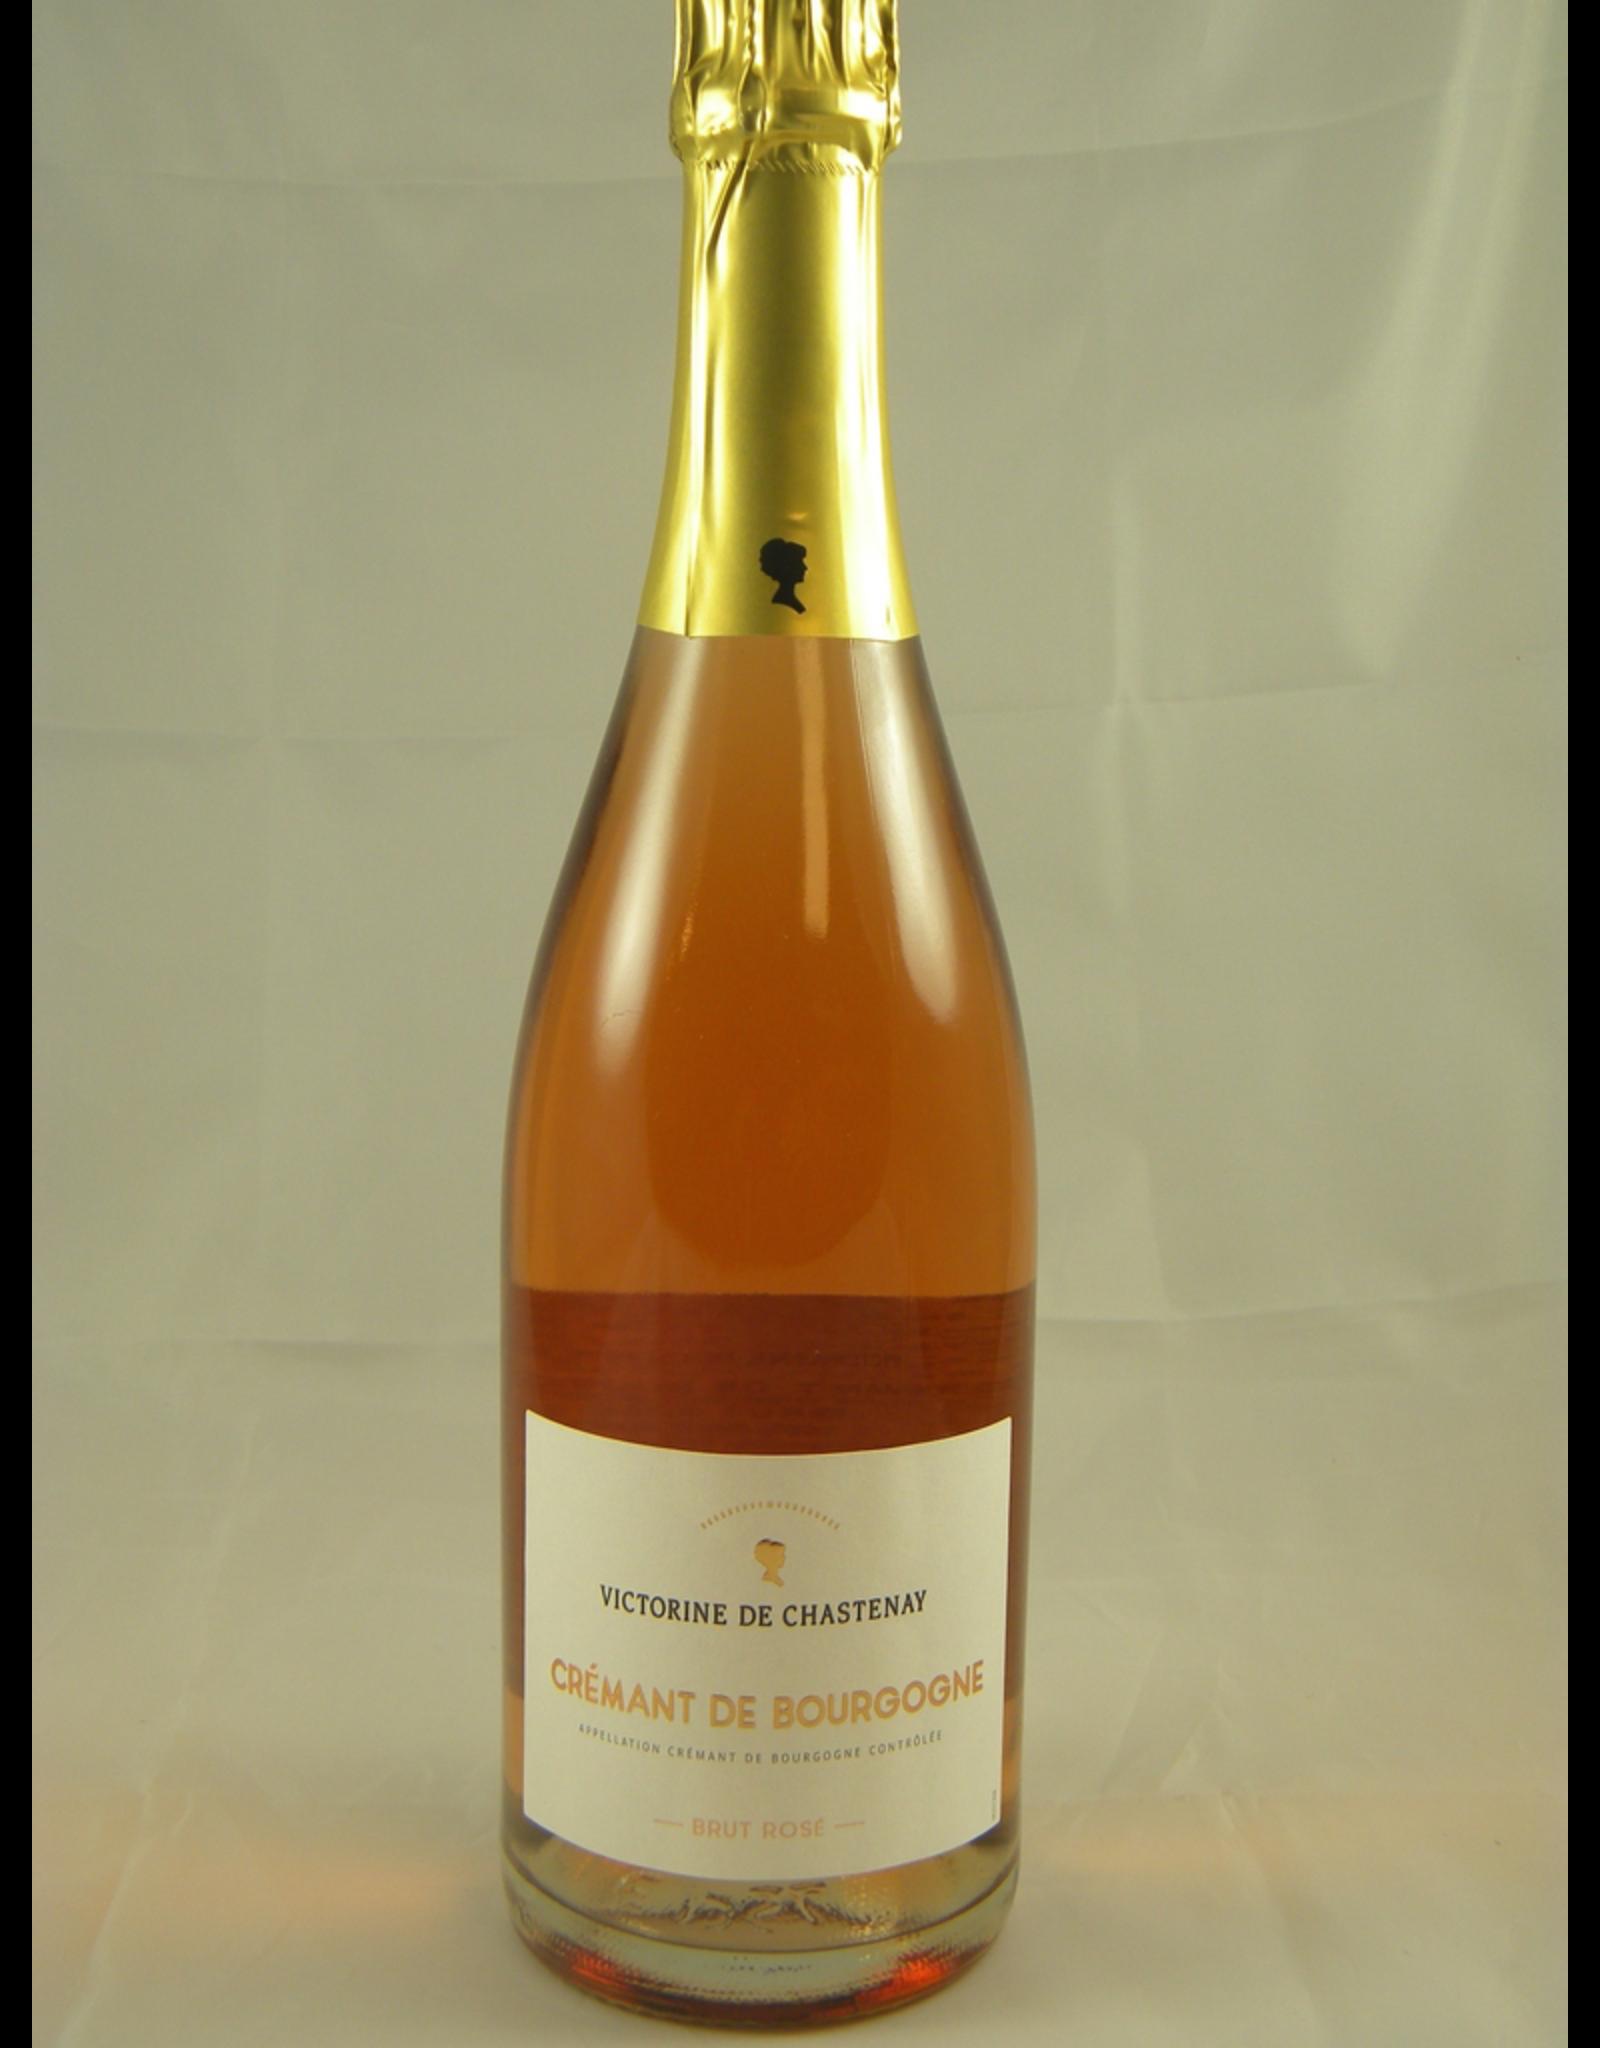 Victorine de Chastenay Victorine de Chastenay Cremant de Bourgogne Rosé NV